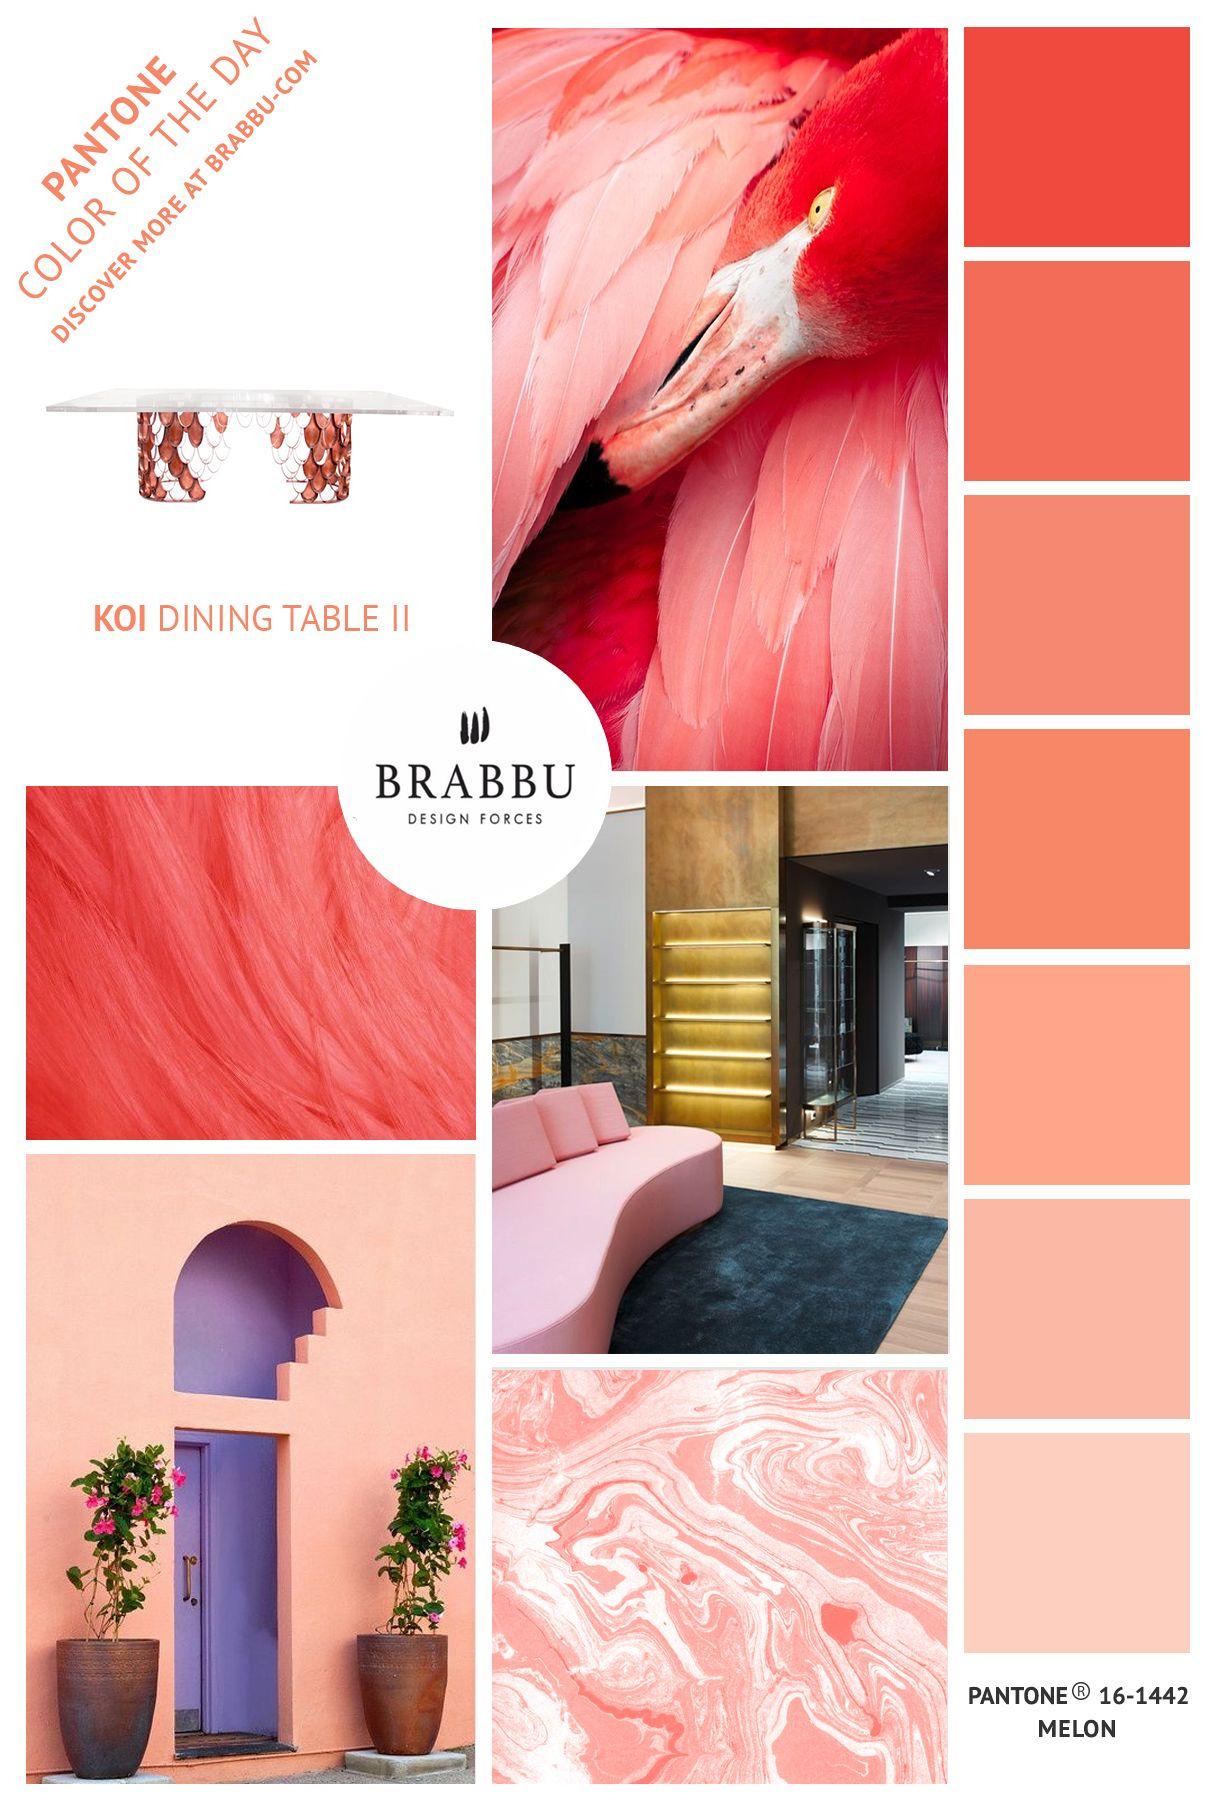 Wohndesign möbel einrichtungsideen  exklusive möbel  hochwertige möbel  wohndesign